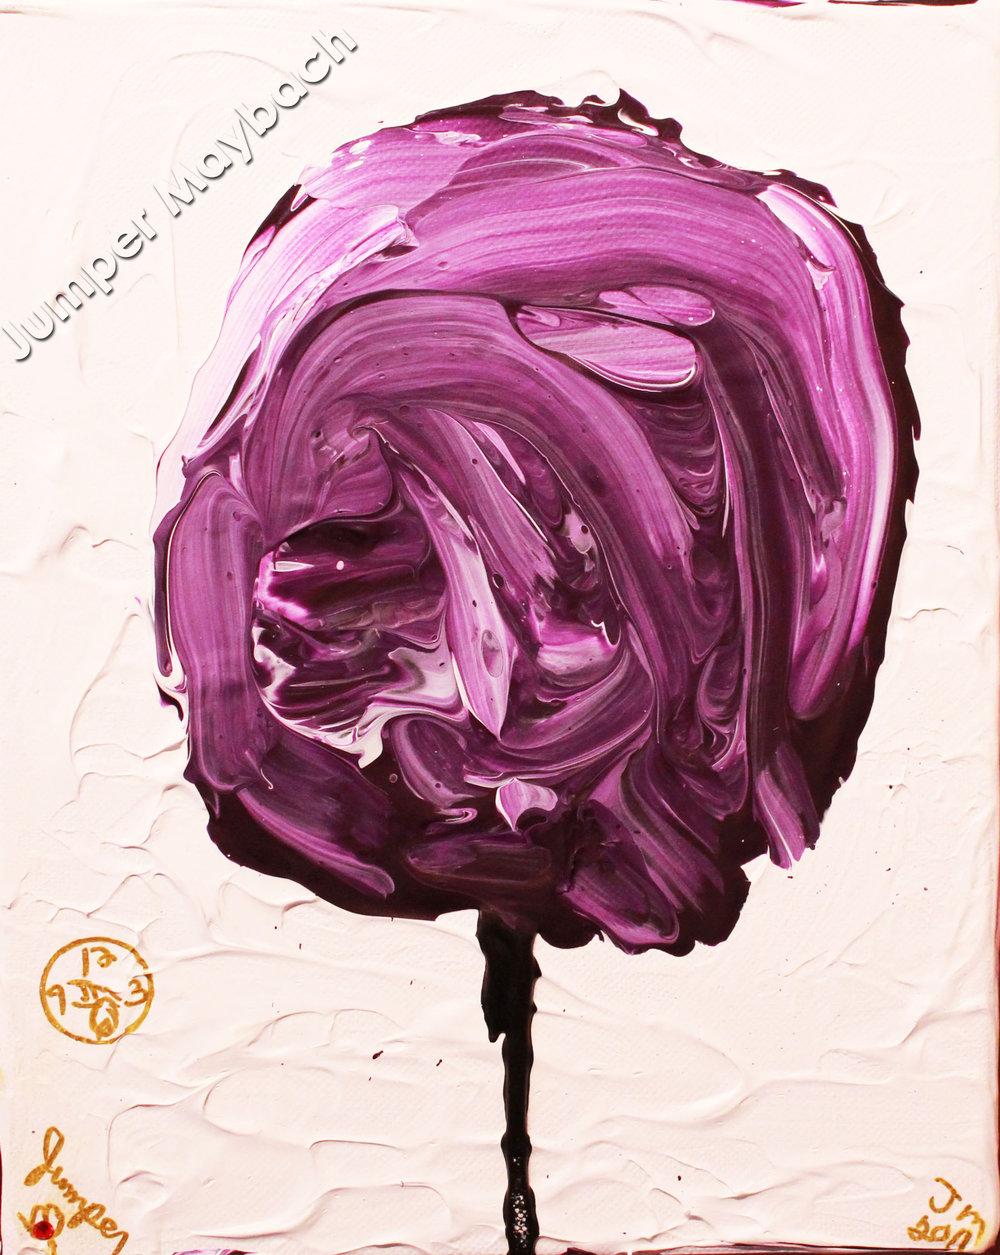 Violet Cotton Candy